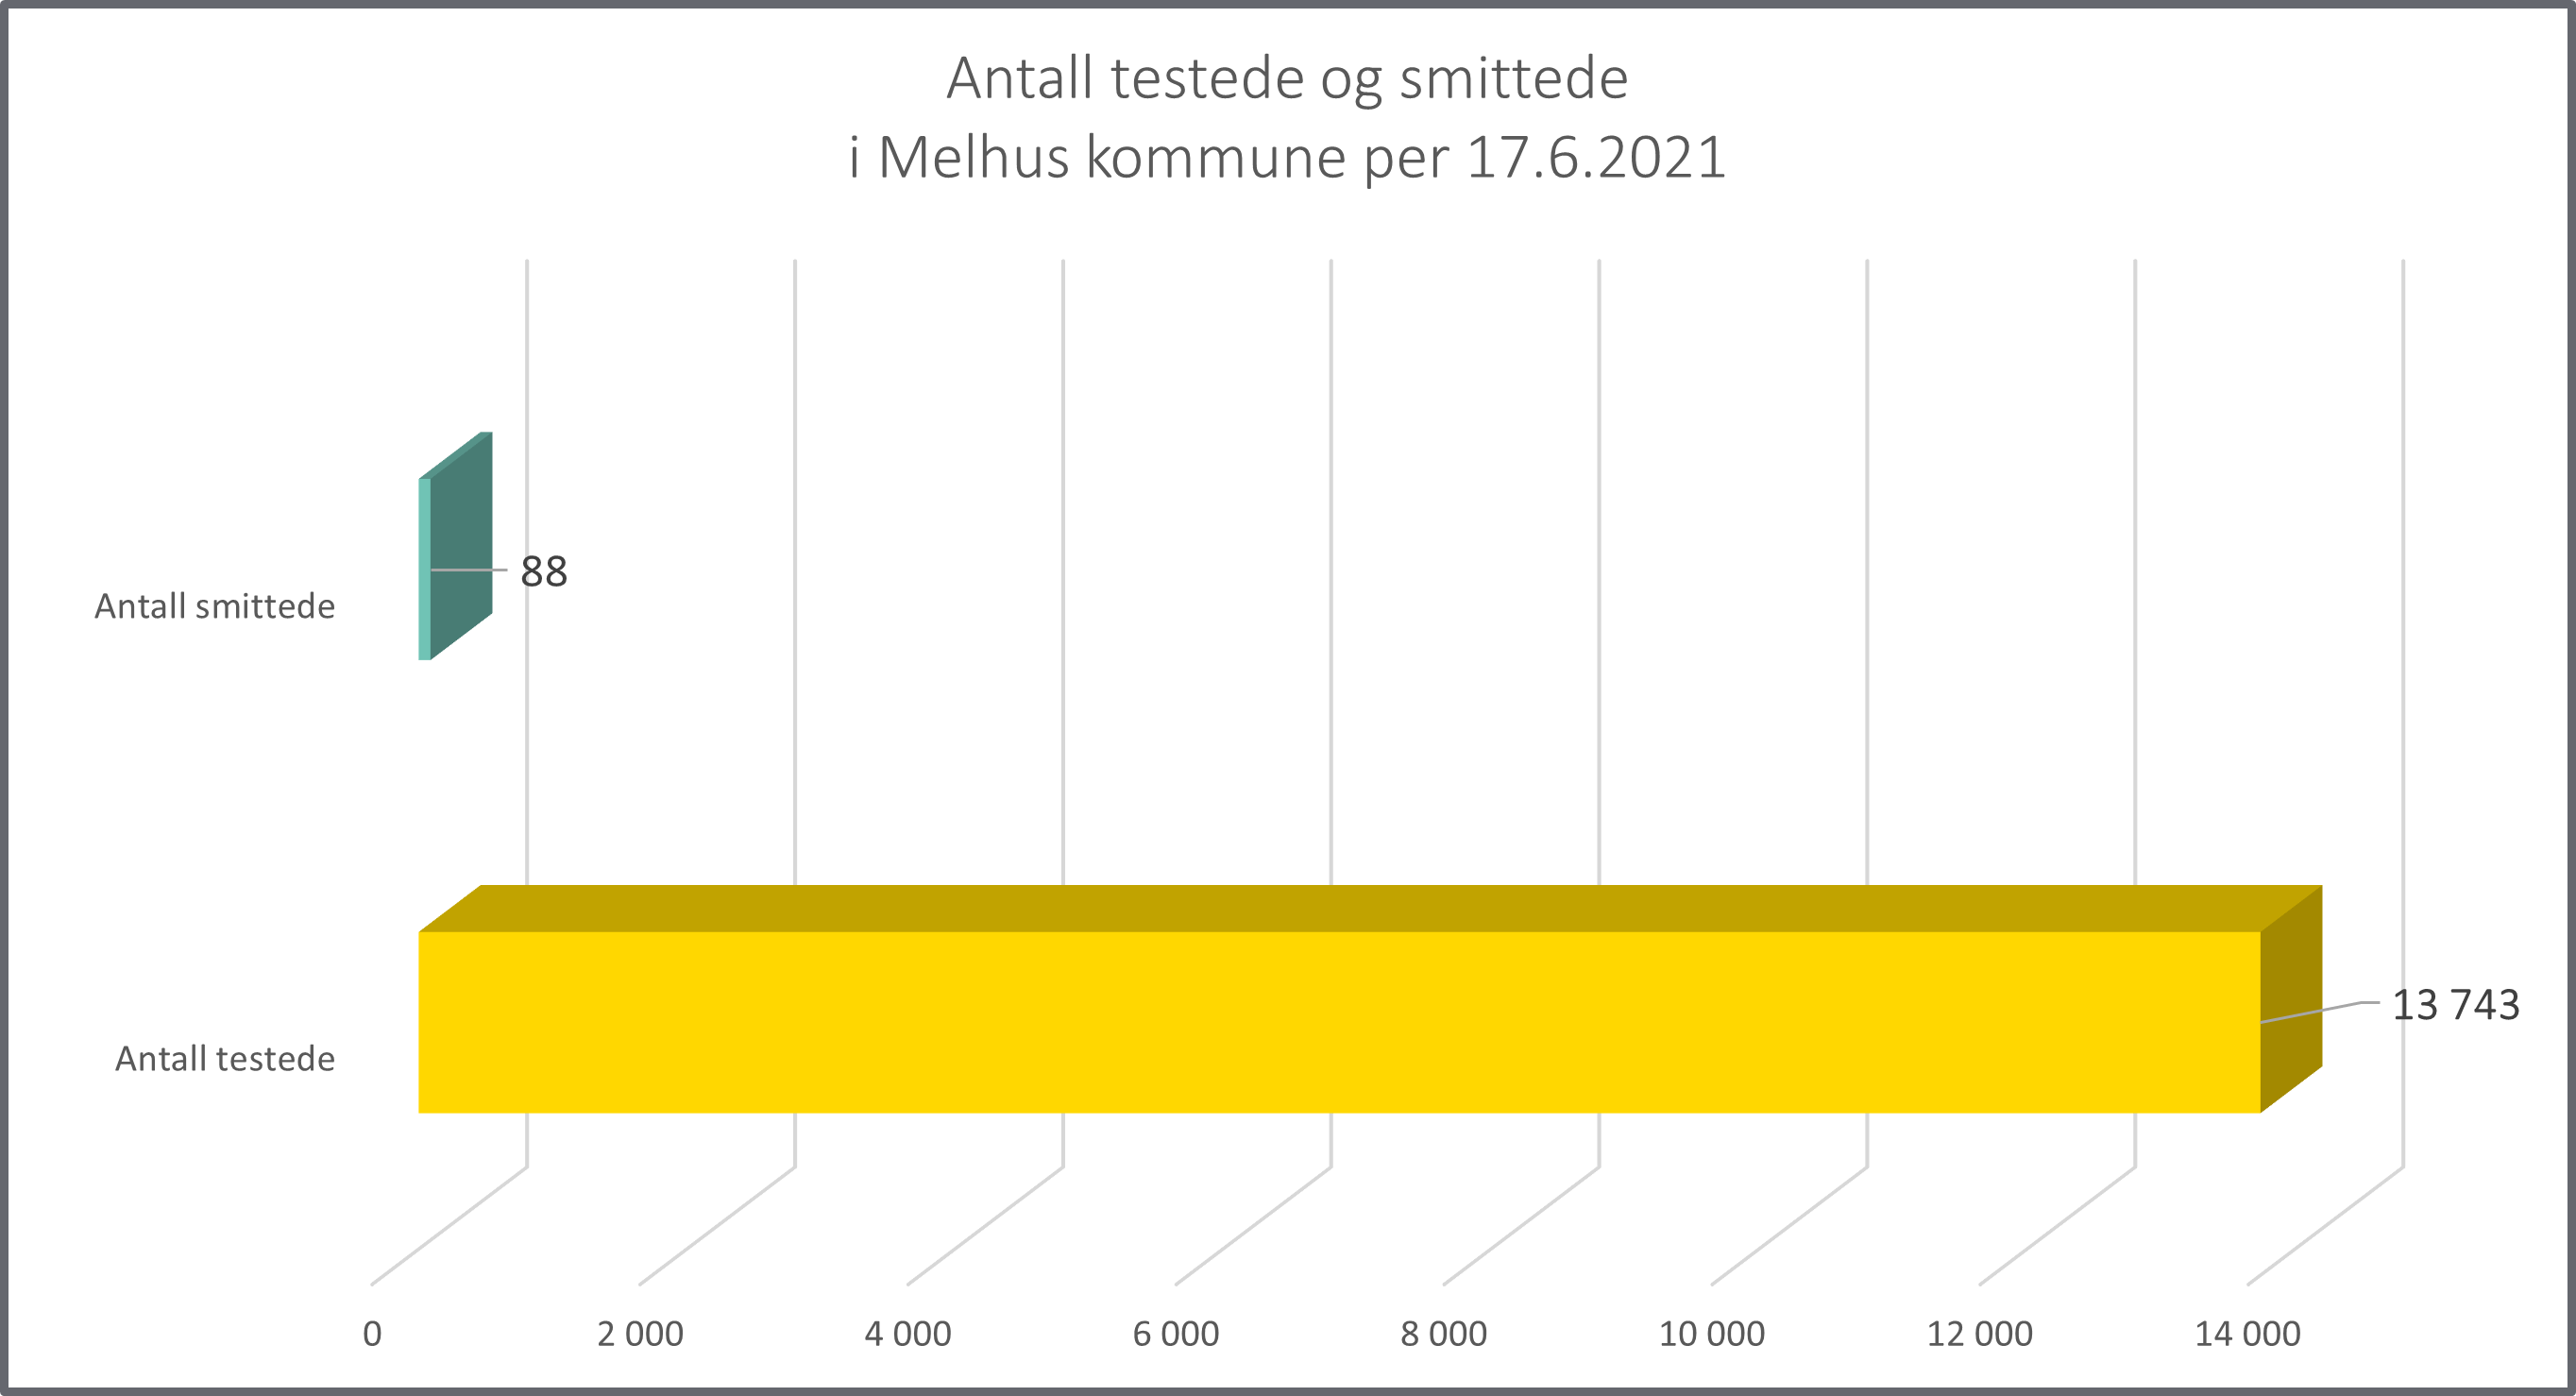 Graf over antall testet og smittet per 17.6.21